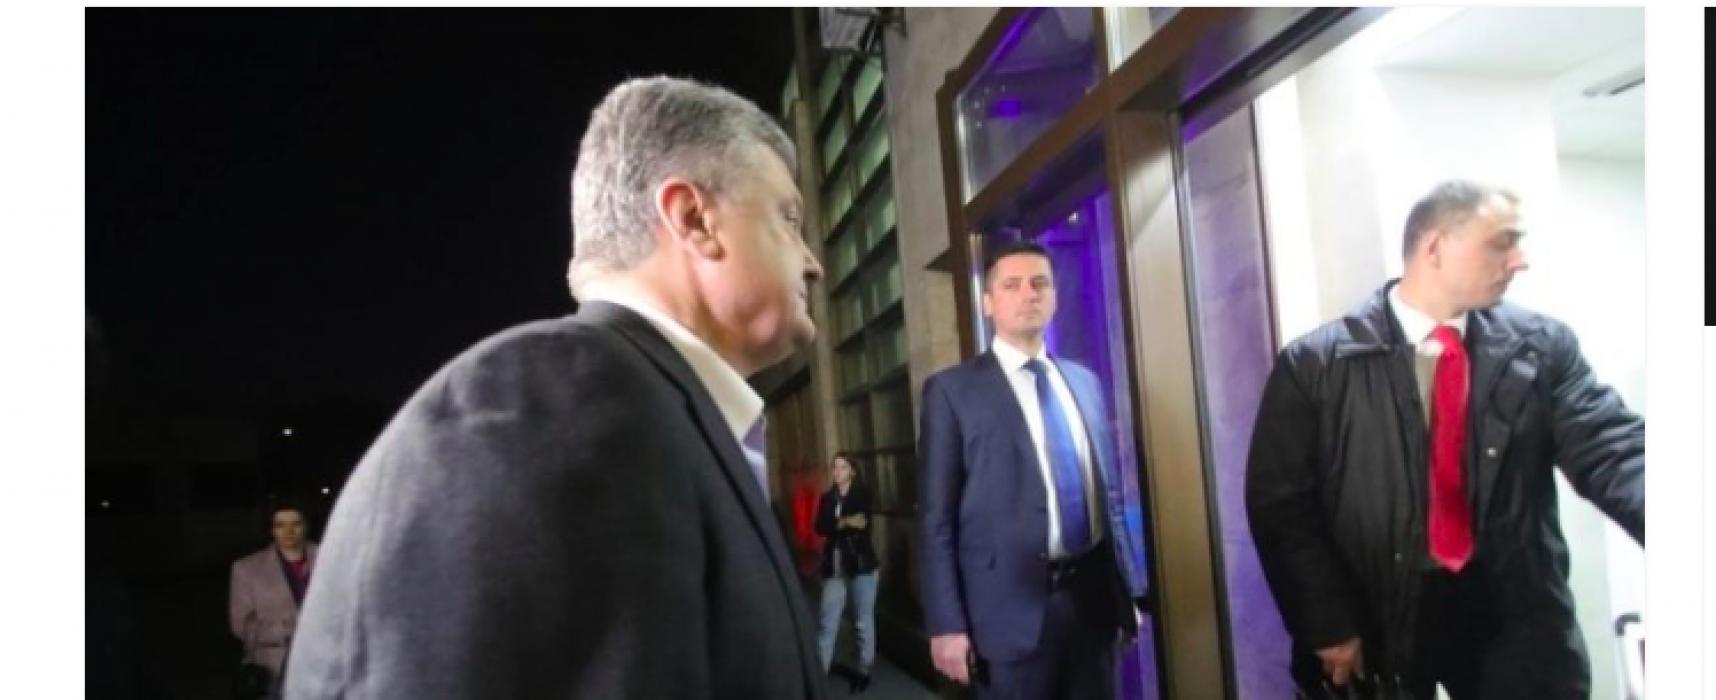 Фейк: Експрезиденту Порошенку загрожує довічне ув'язнення в Україні і в США